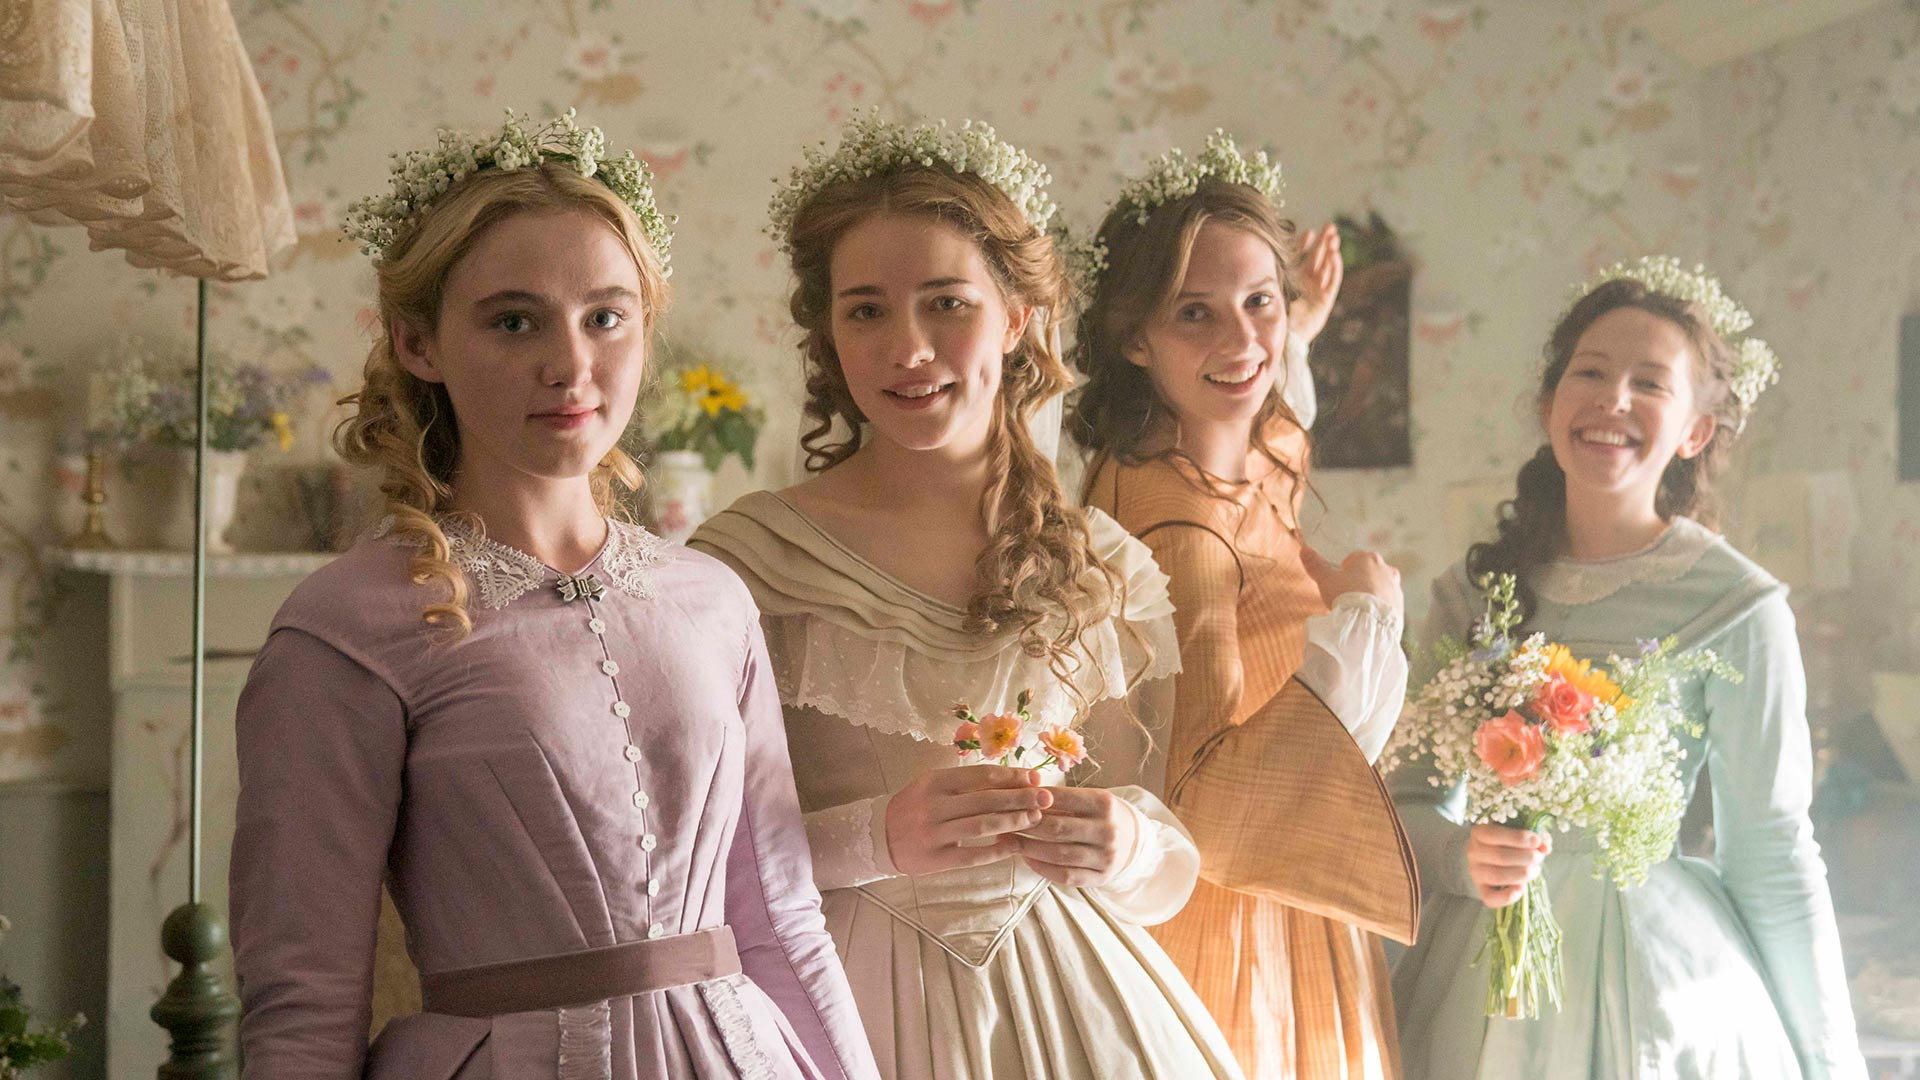 Pictured (l-r): Kathryn Newton as Amy, Willa Fitzgerald as Meg, Maya Hawke as Jo, and Annes Elwy as Beth.